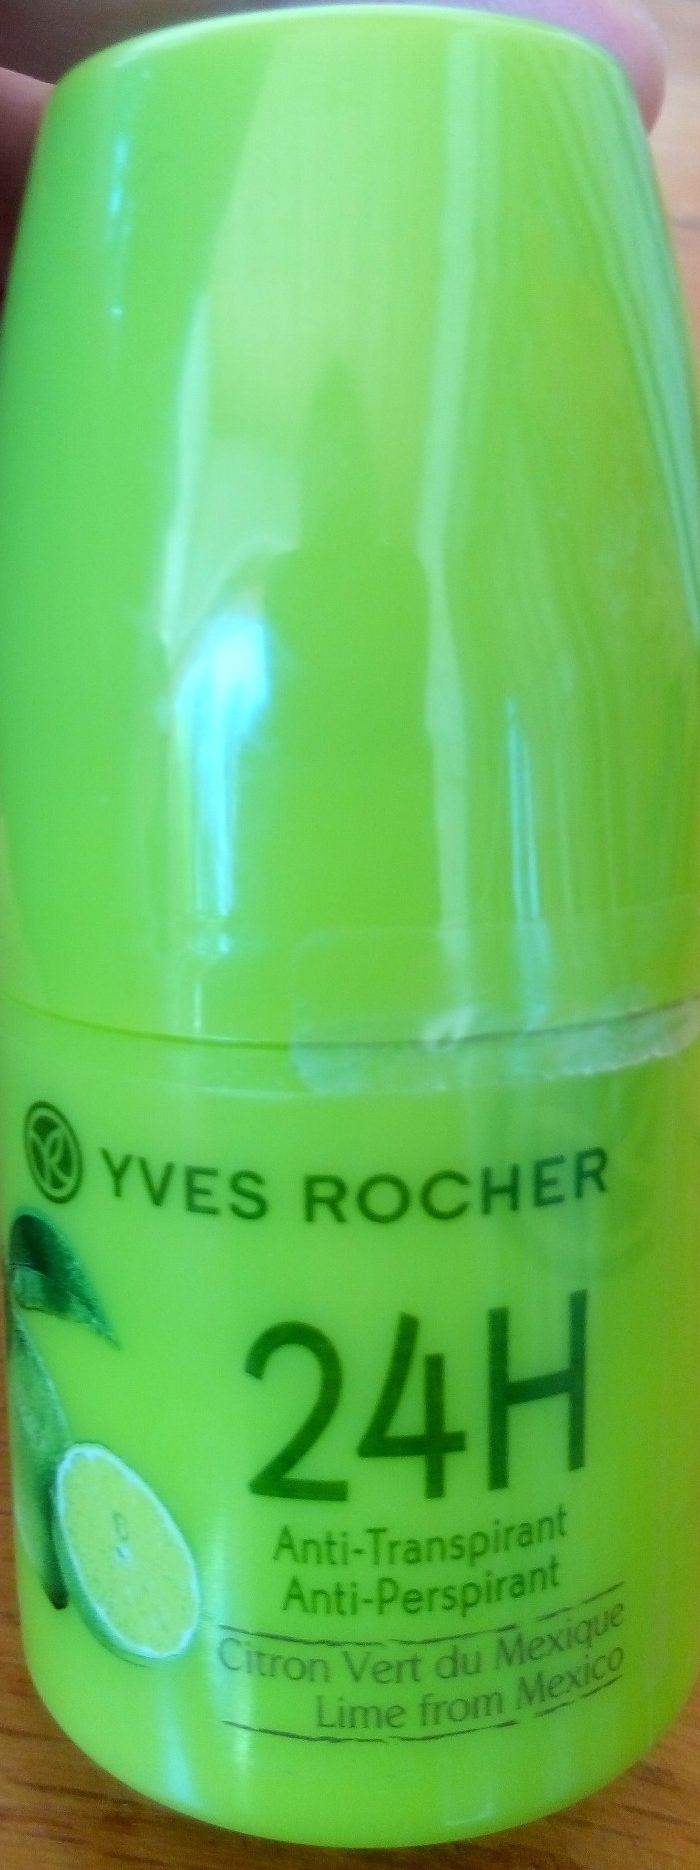 Anti-Transpirant Citron Vert du Mexique 24H - Product - fr